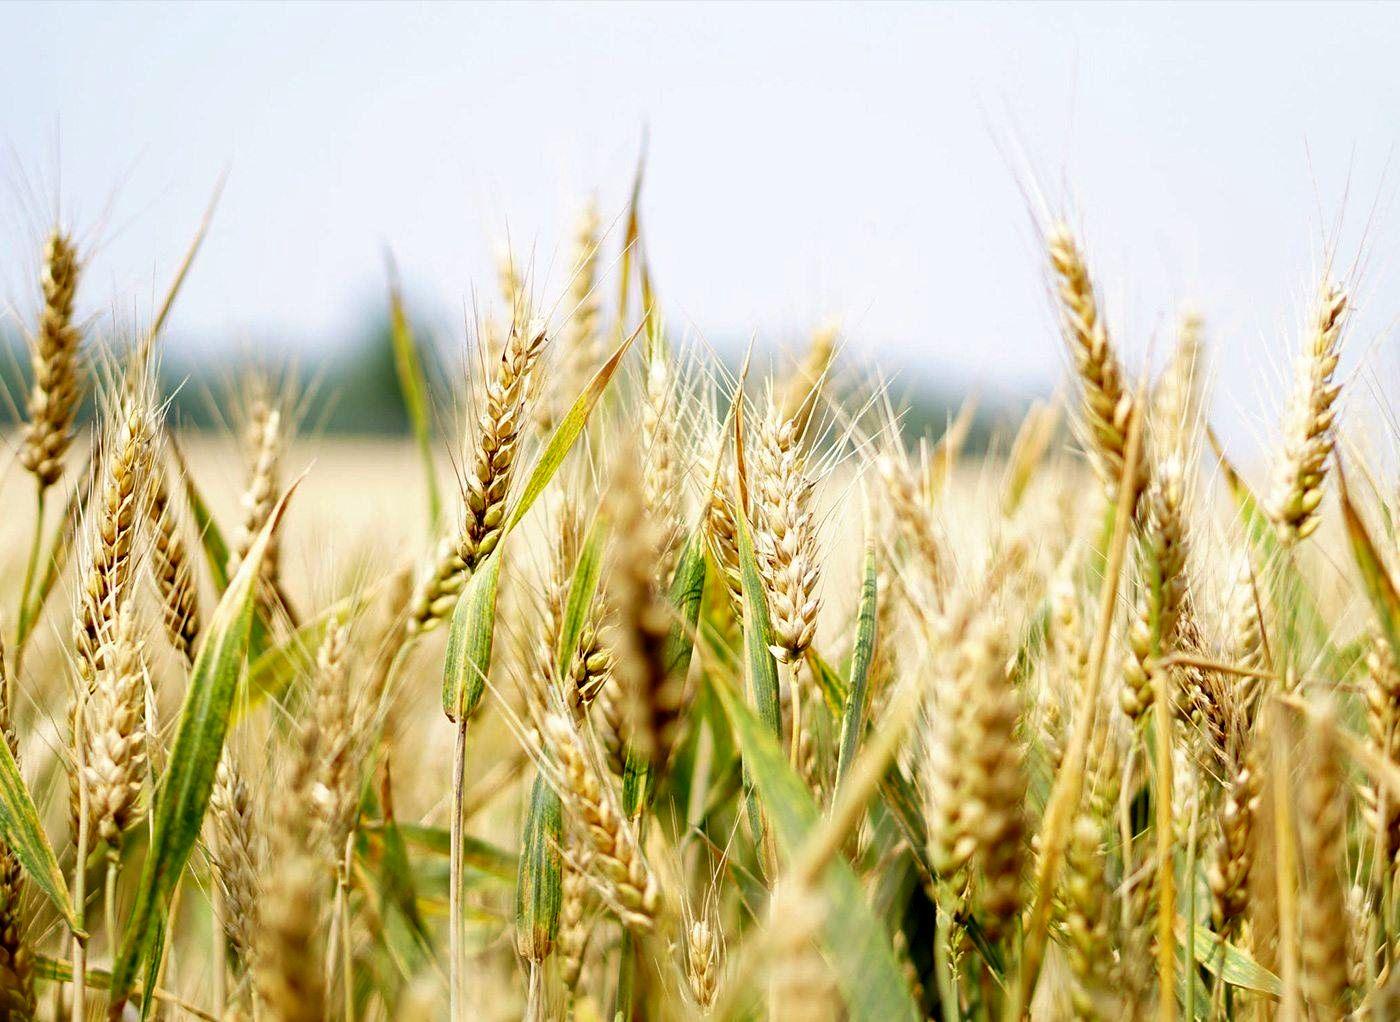 برگزاری دوره آموزشی بینالمللی اصلاح مولکولی برنج در رشت